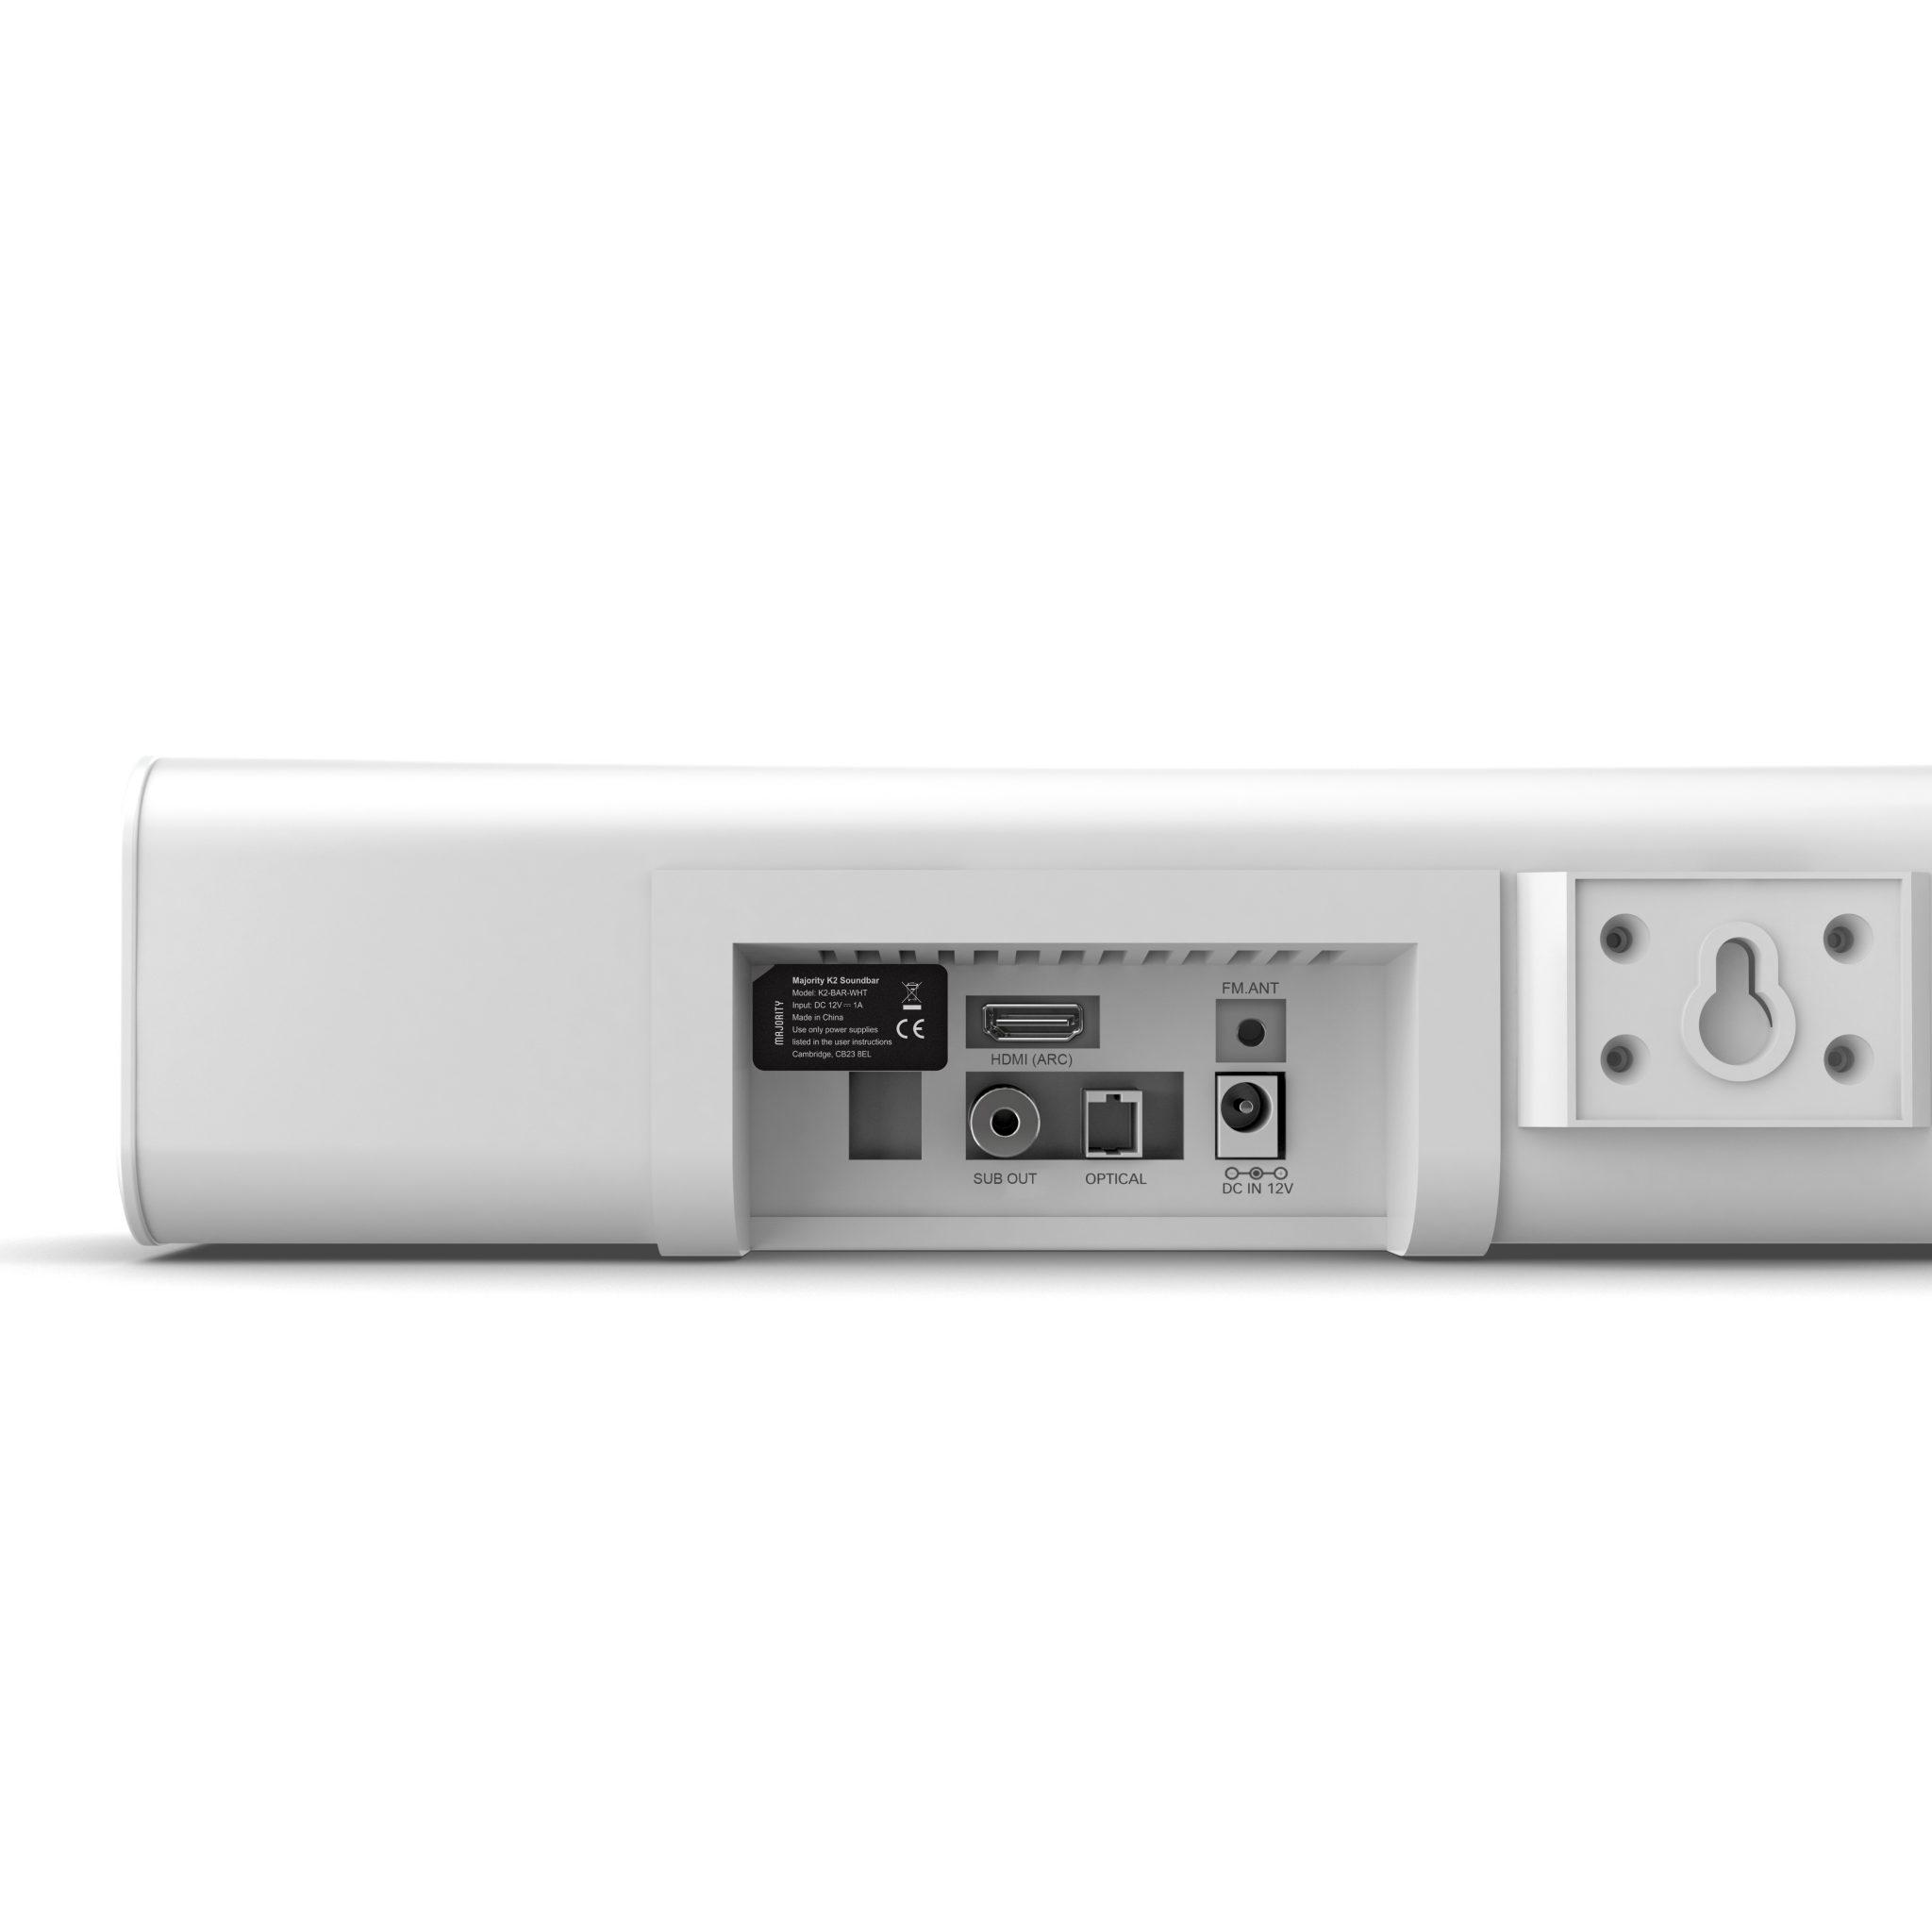 TV Sound Bar with Subwoofer - K2 White Back